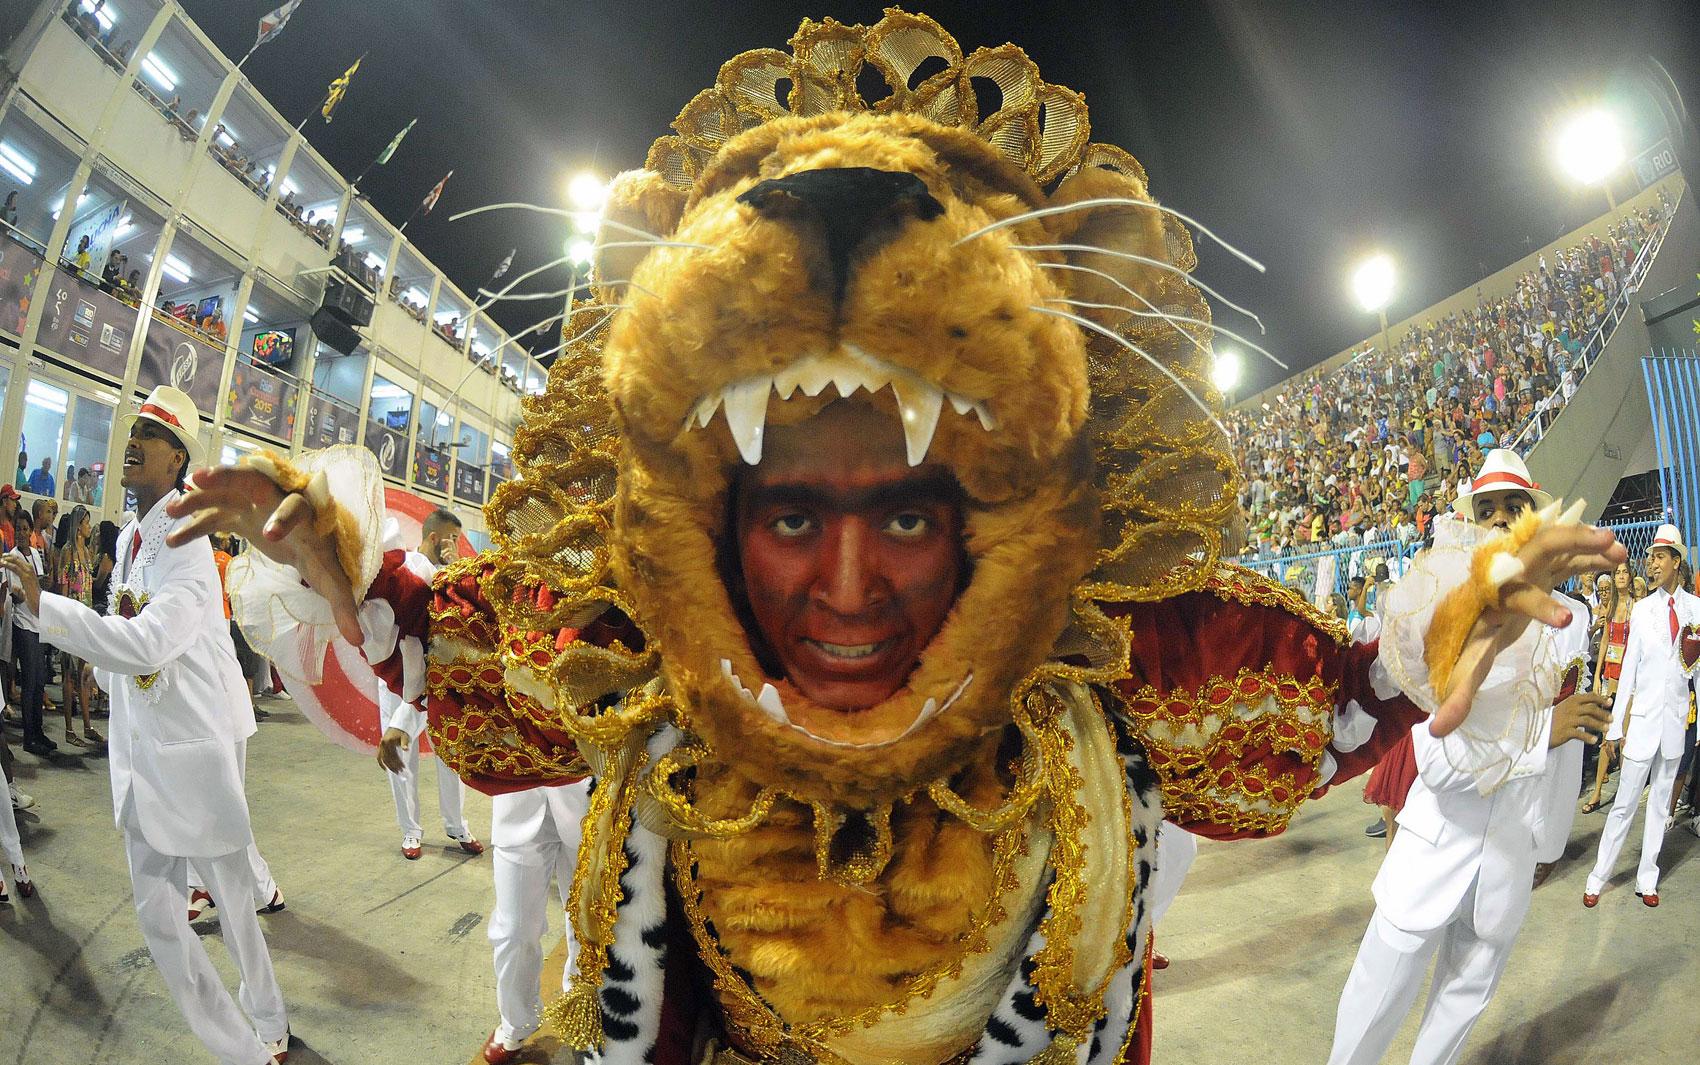 Estácio de Sá - Além de carro e de fantasia da rainha de bateria, o leão também foi lembrado em outras alas da escola